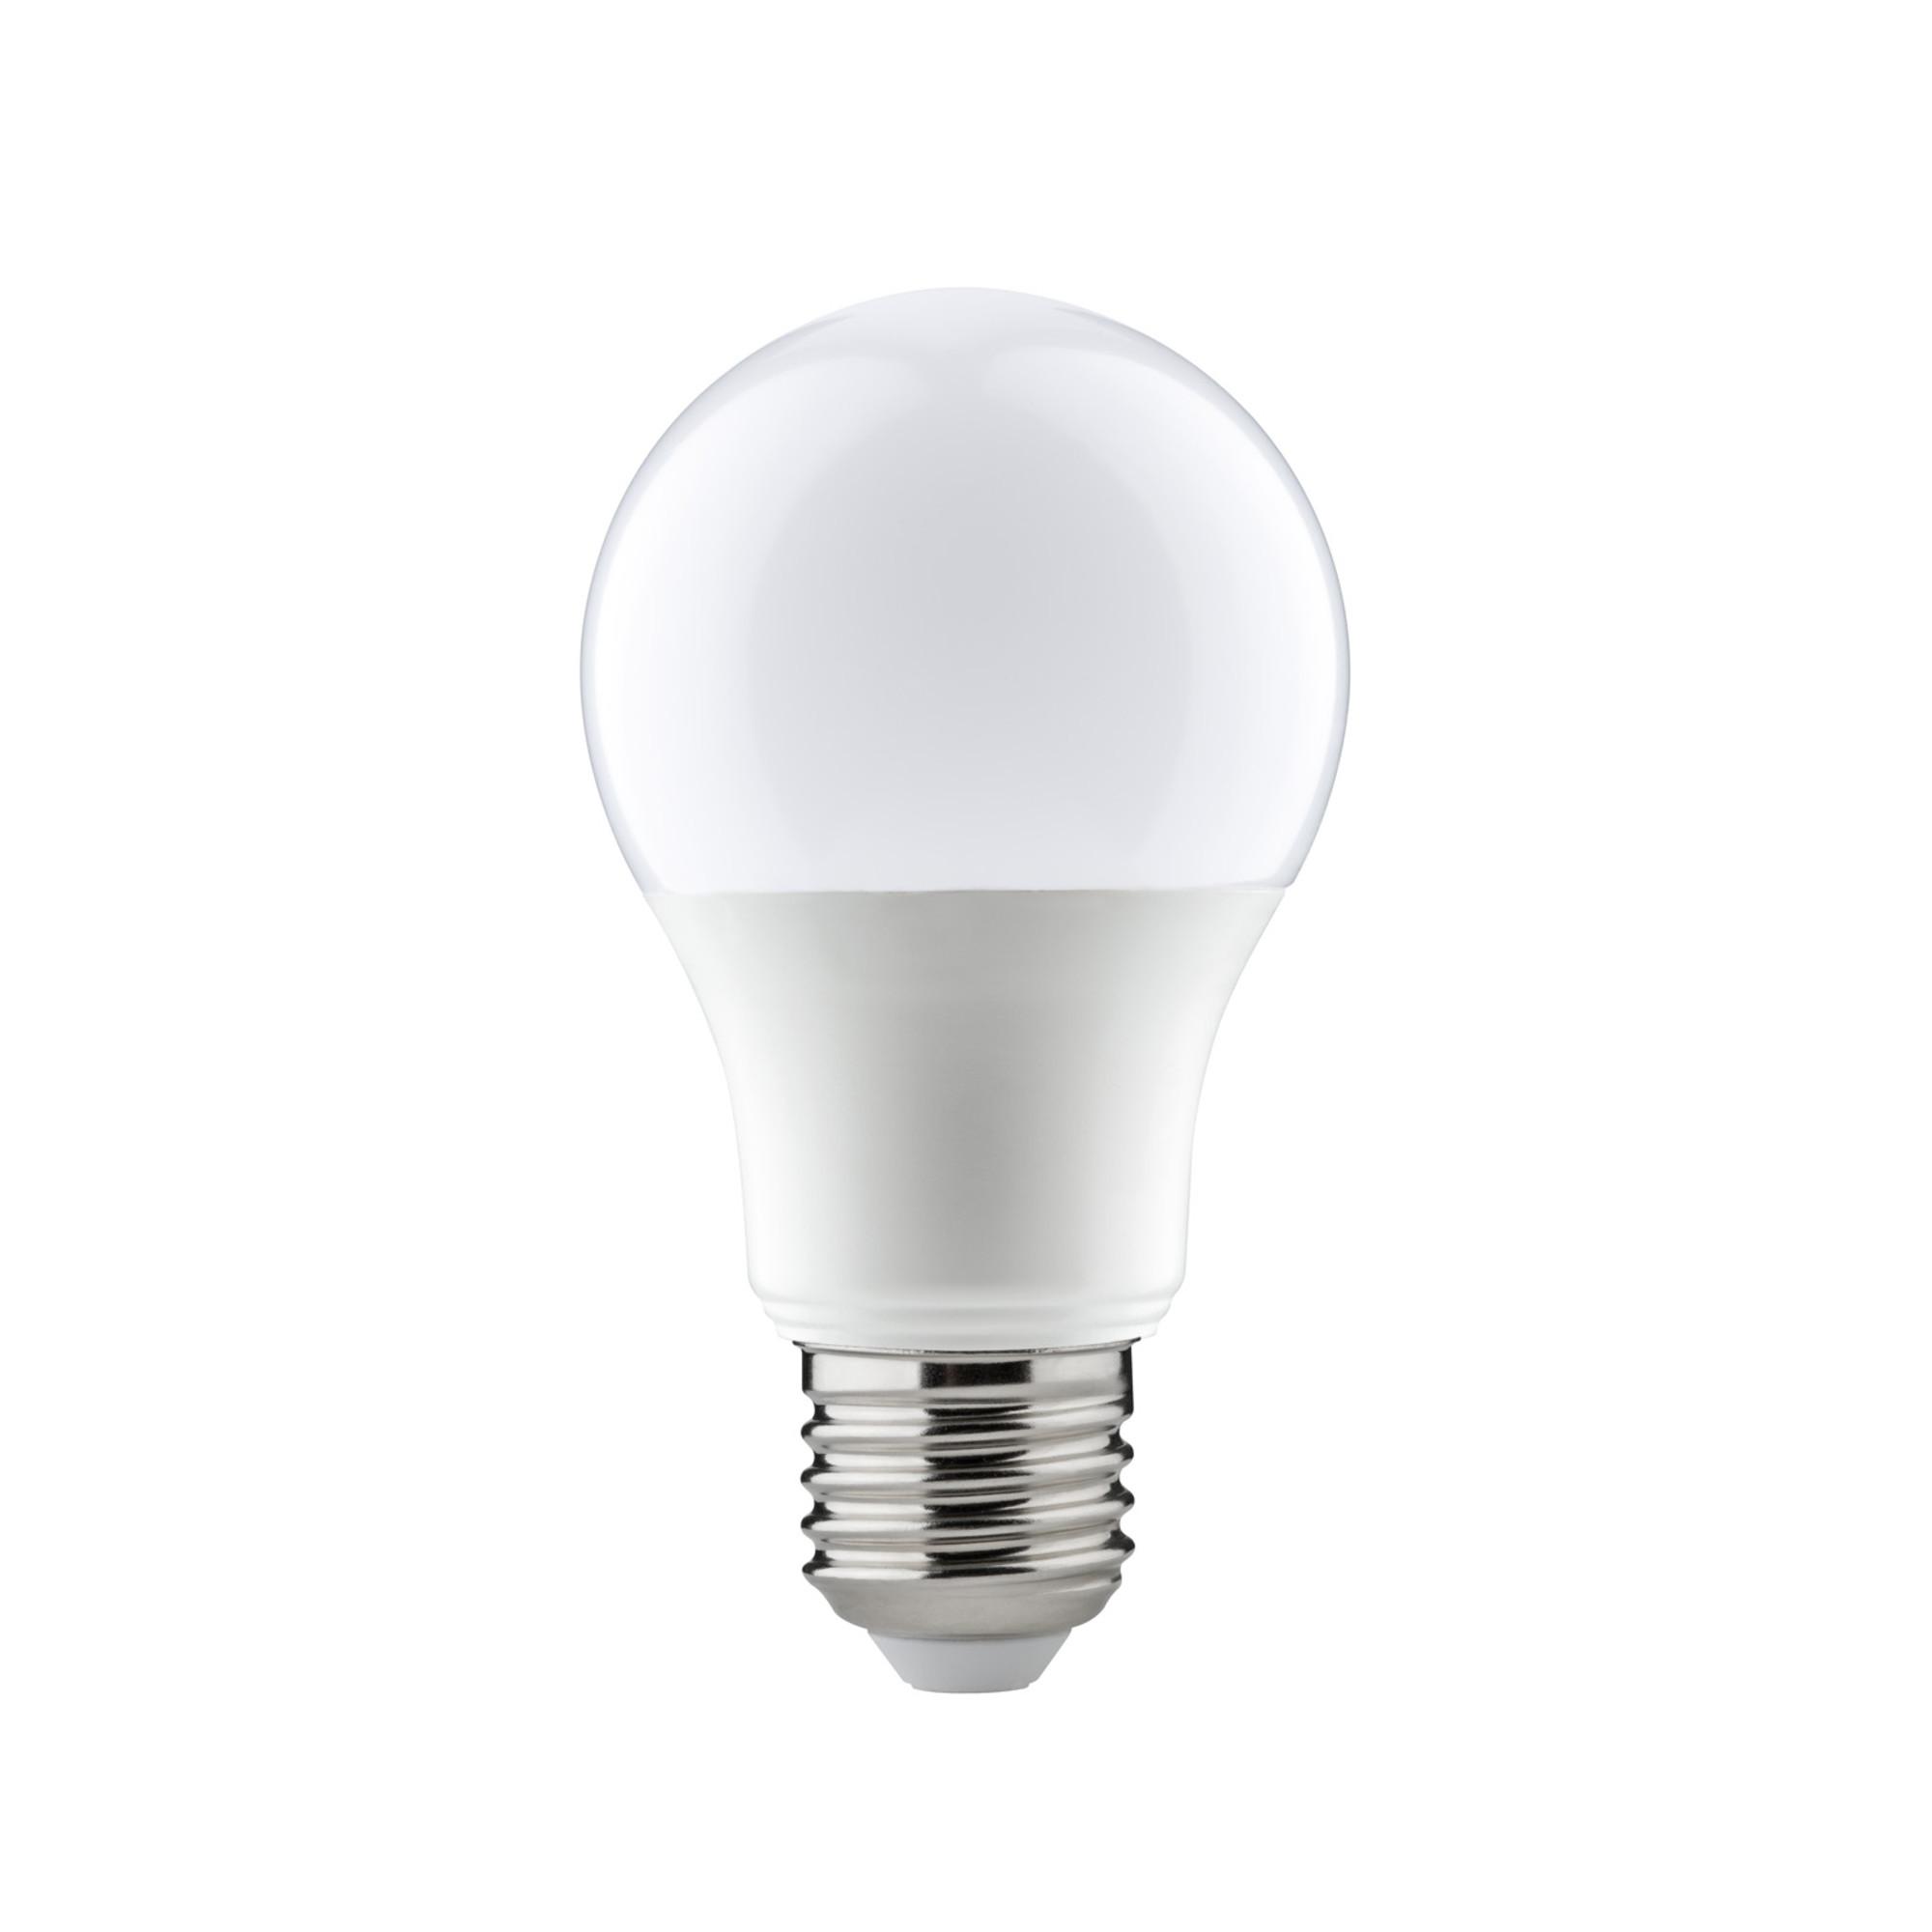 Лампа светодиодная Paulmann Общего назначения 9.5Вт 806лм 2700К Е27 230В Опал 28490.